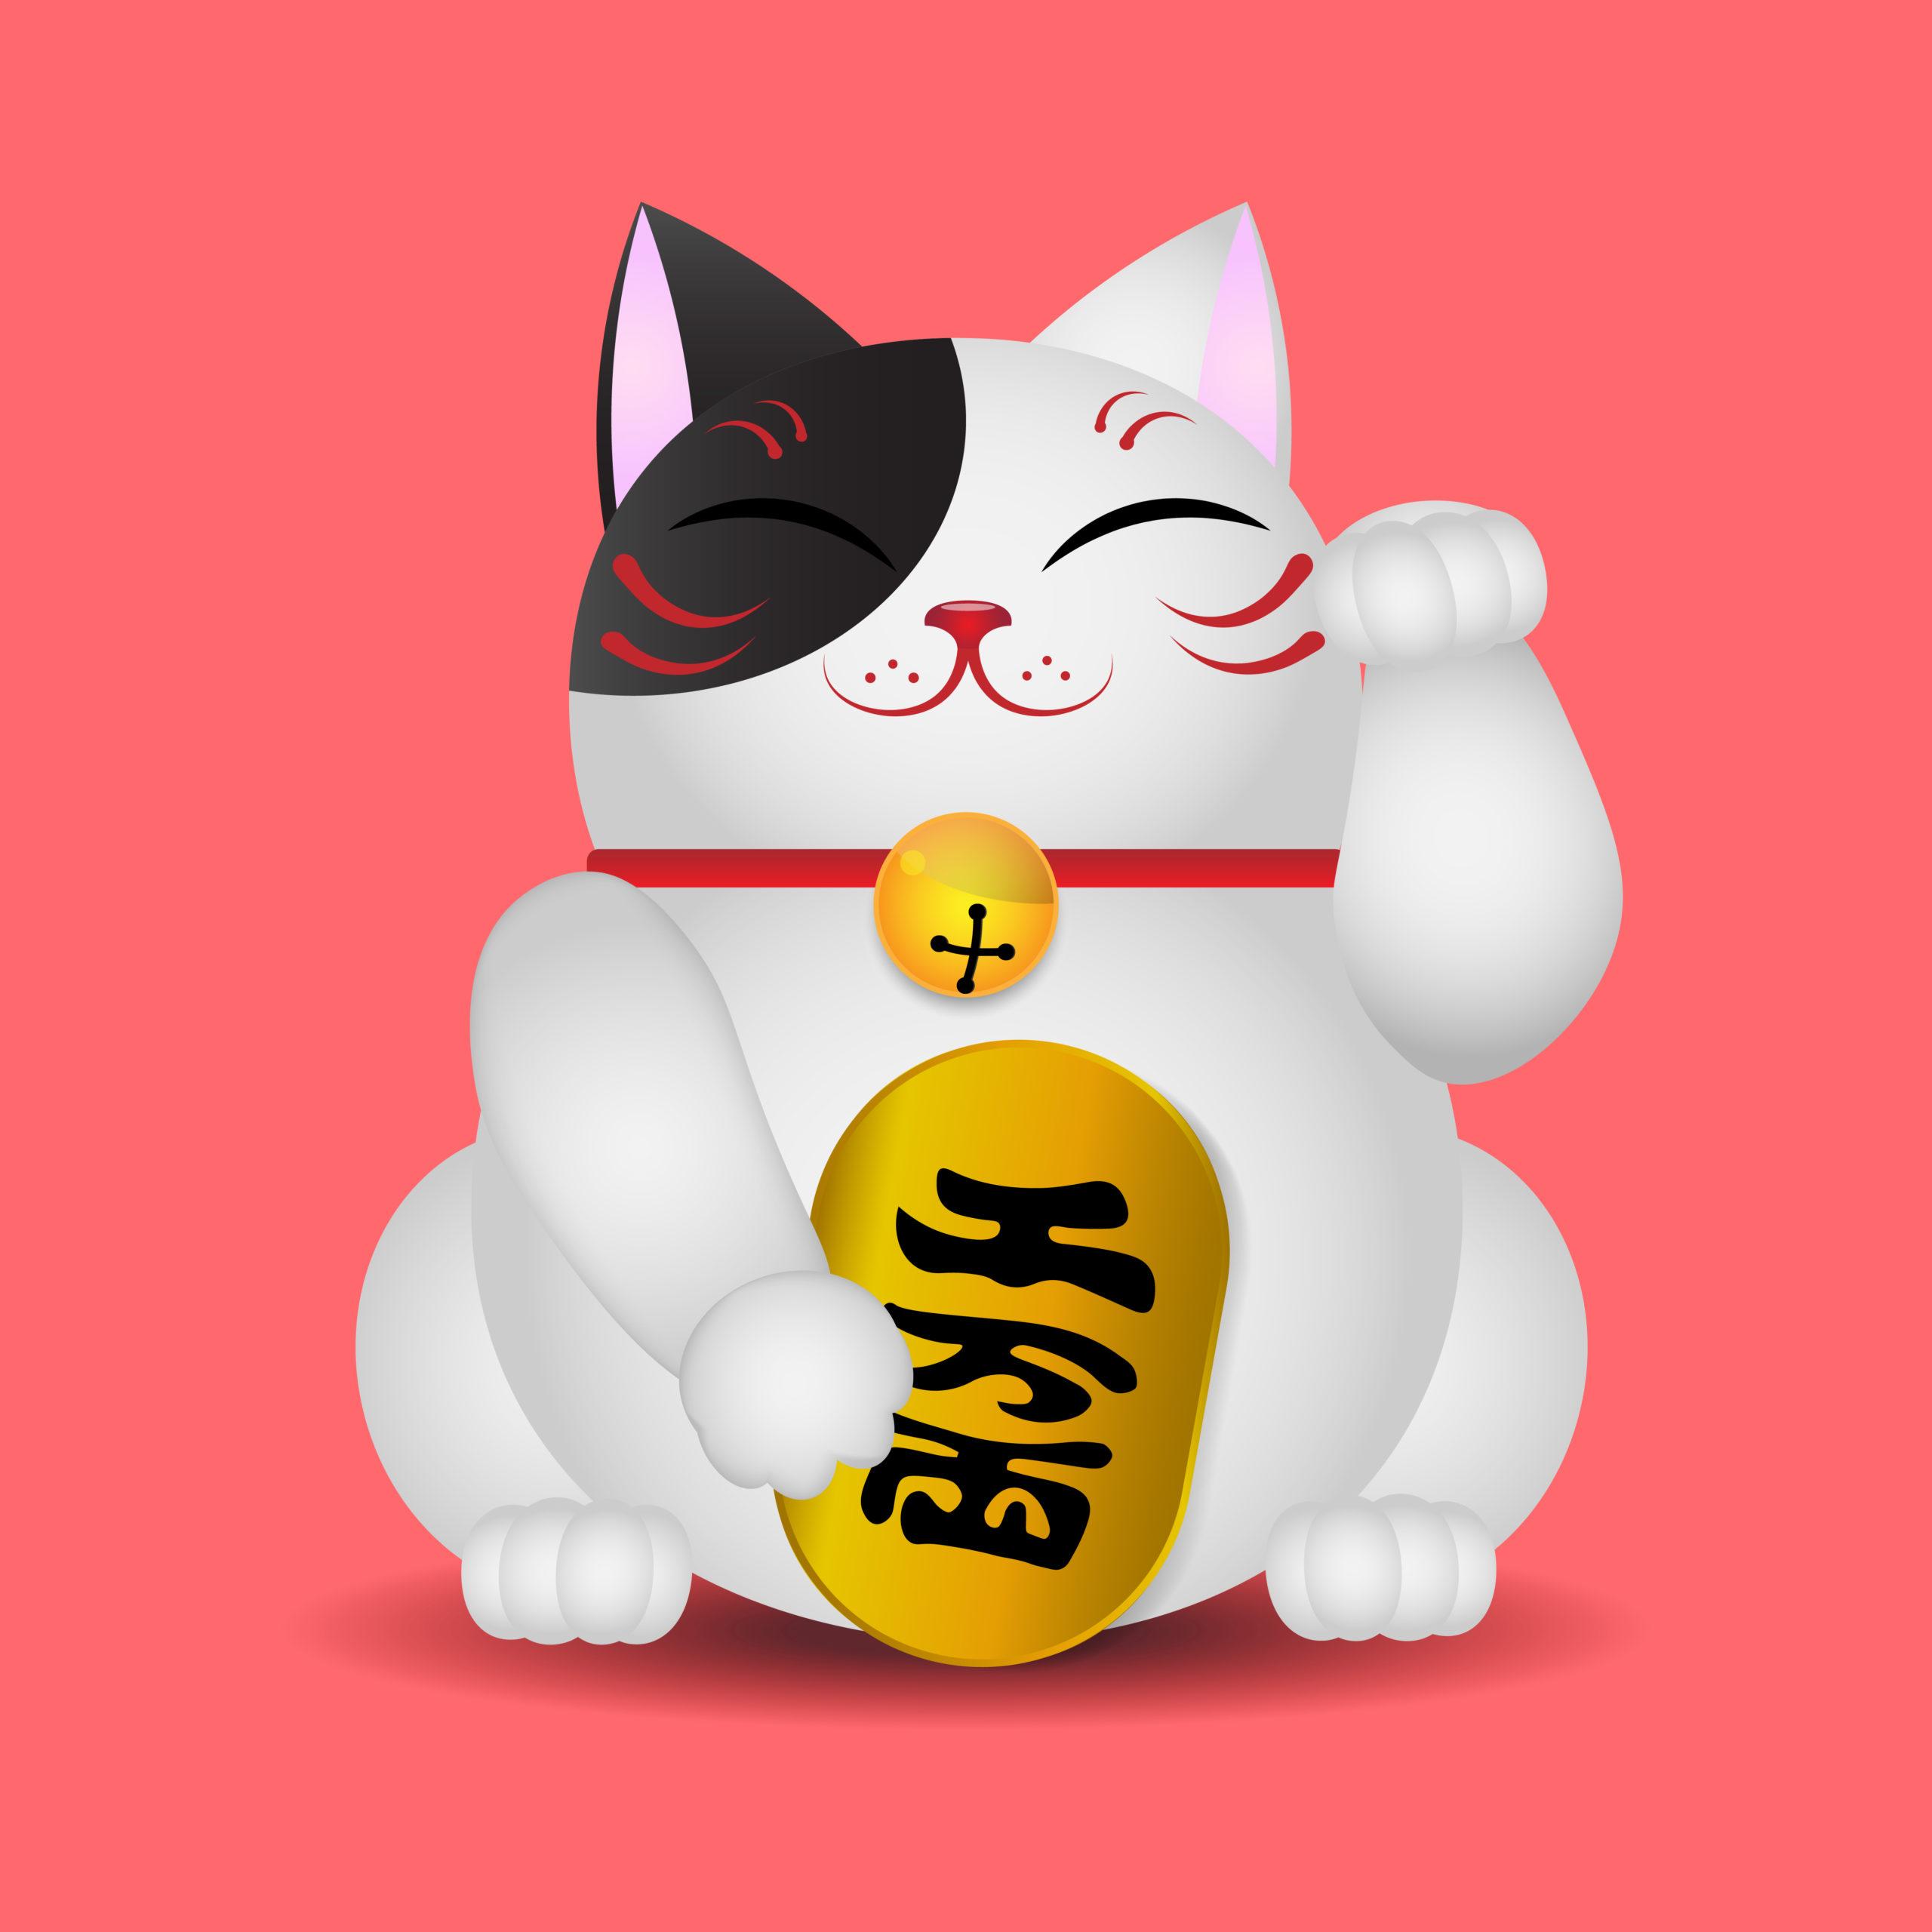 猫に小判の意味とは?【例文もあわせて解説します】